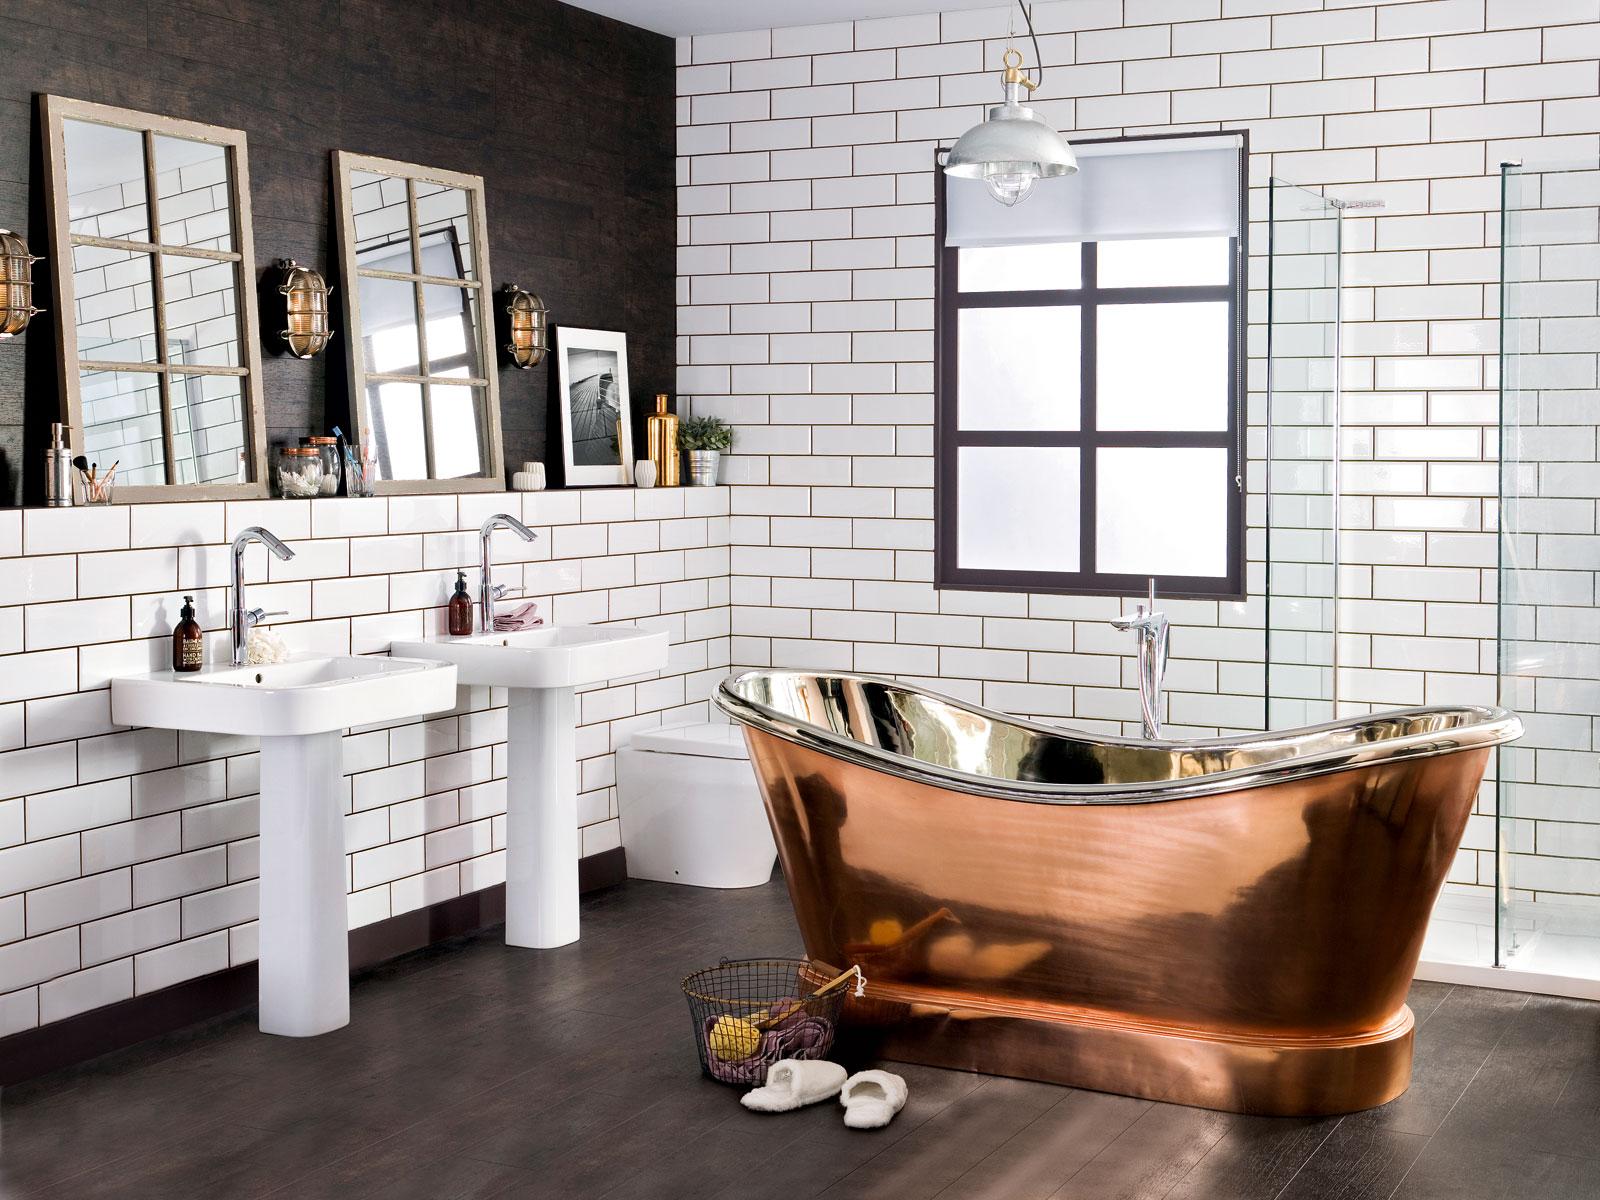 Salle de bain industrielle et baignoire vintage en cuivre